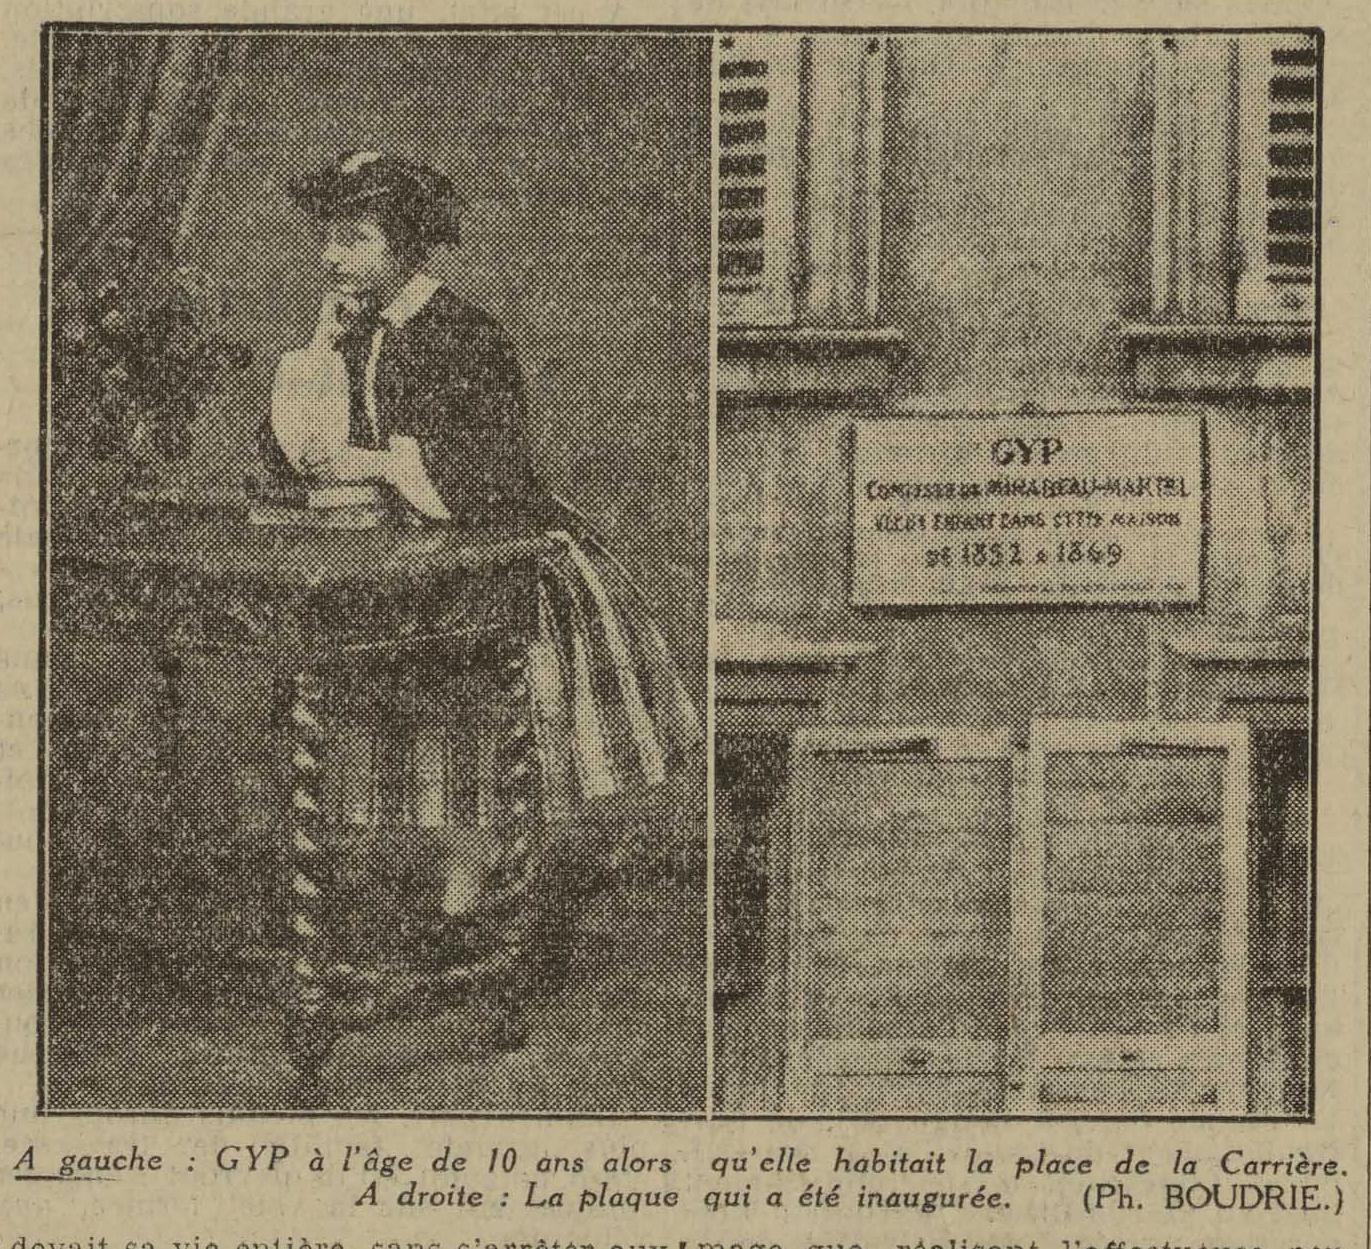 Contenu du L'Est Républicain, 6 juin 1934, illustration de l'article pour la pose de la plaque commémorative place Carrière à nancy